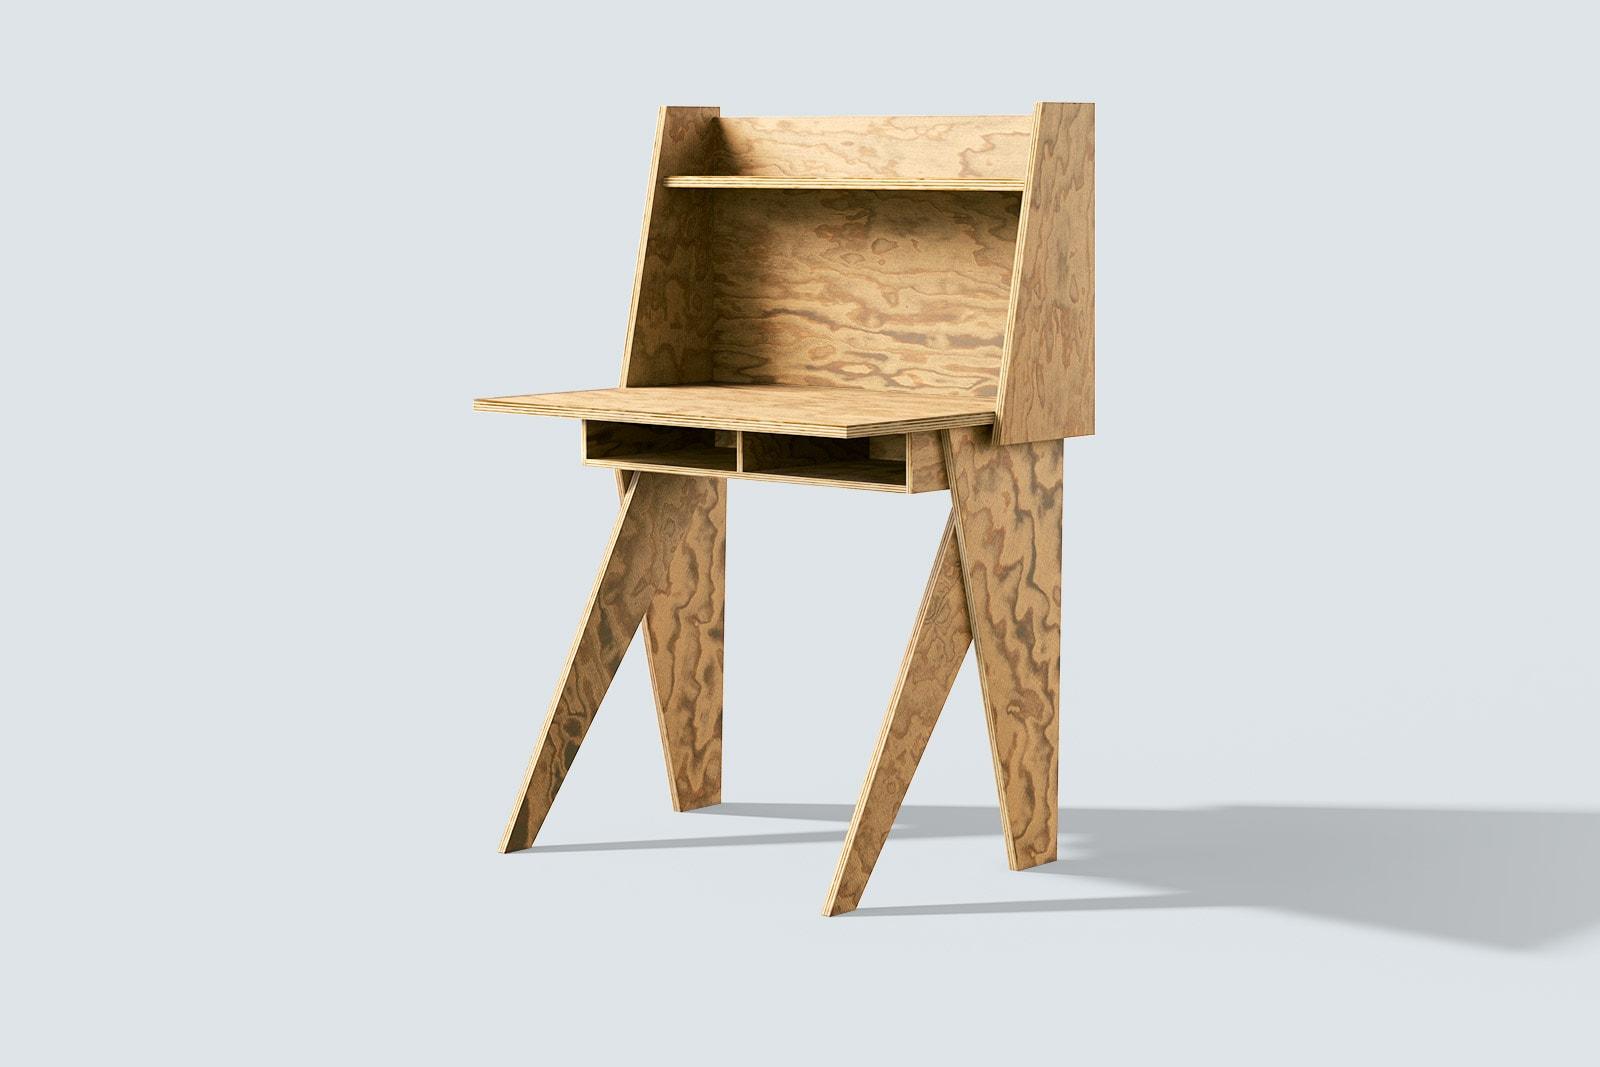 muesiemue Interiordesign, eleganter und kompakter Home Office Tisch von Tonia Welter